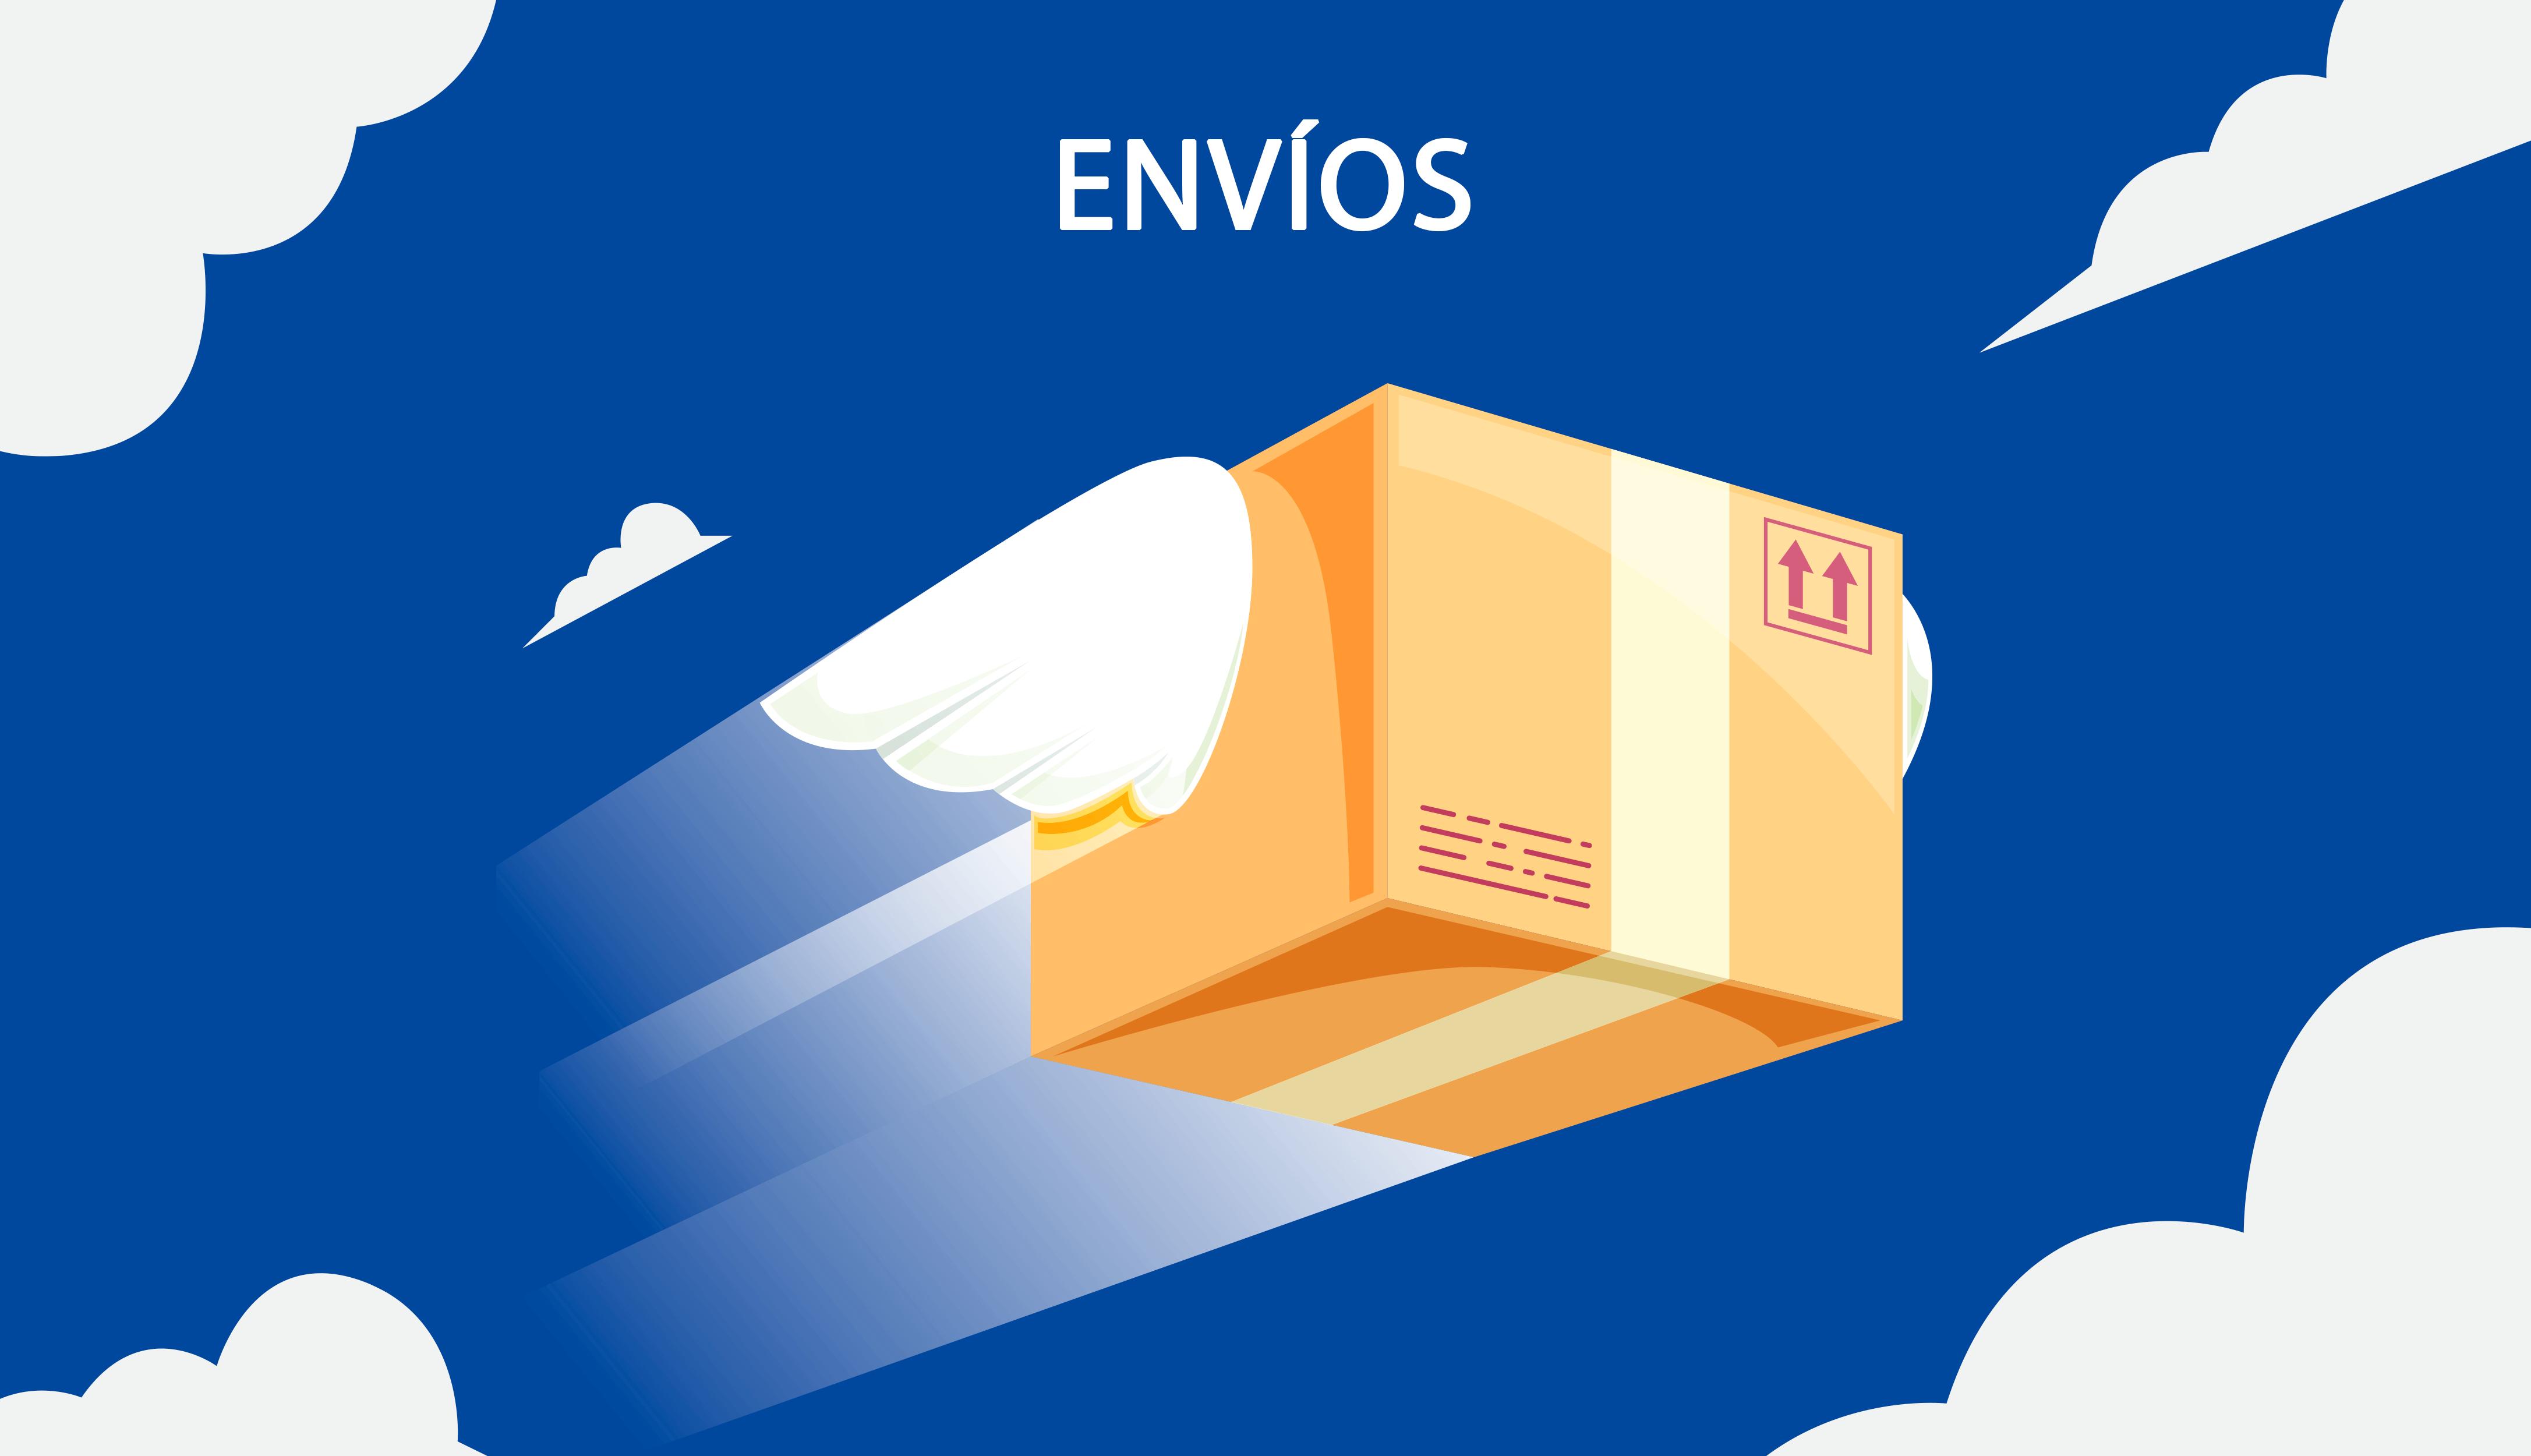 Cómo gestionar envíos